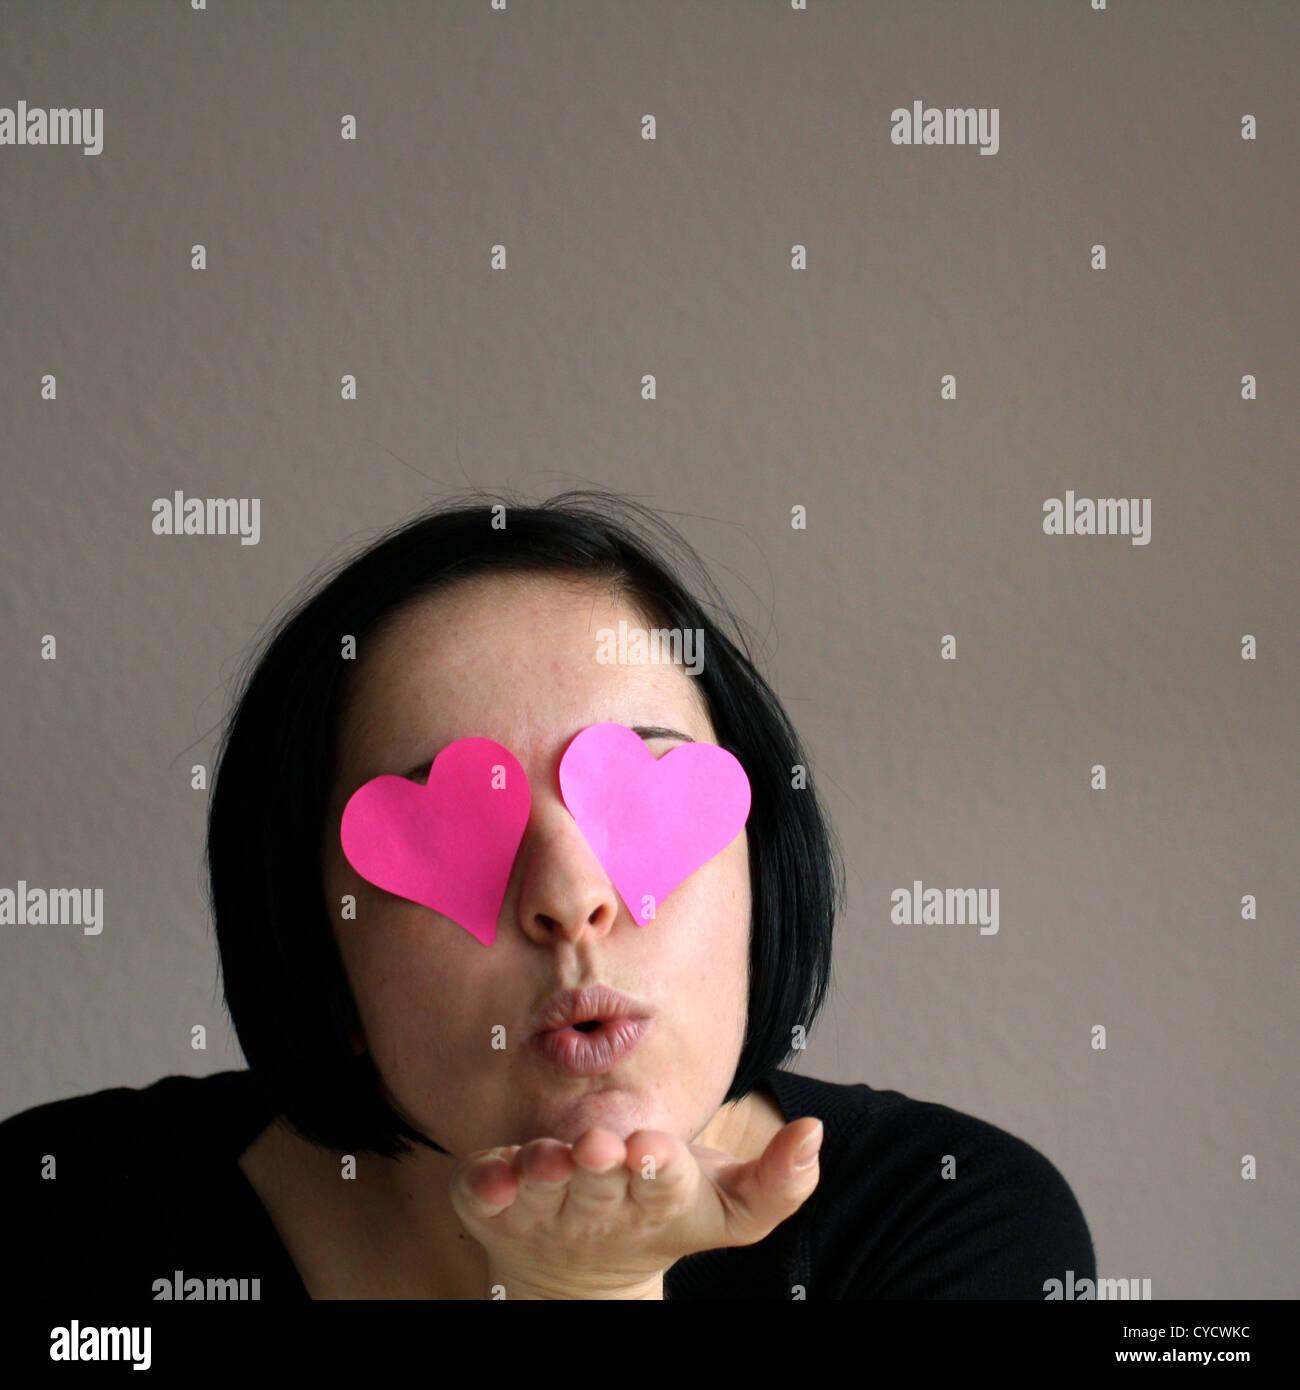 Amar,las gafas de color rosa,soplar un besoFoto de stock